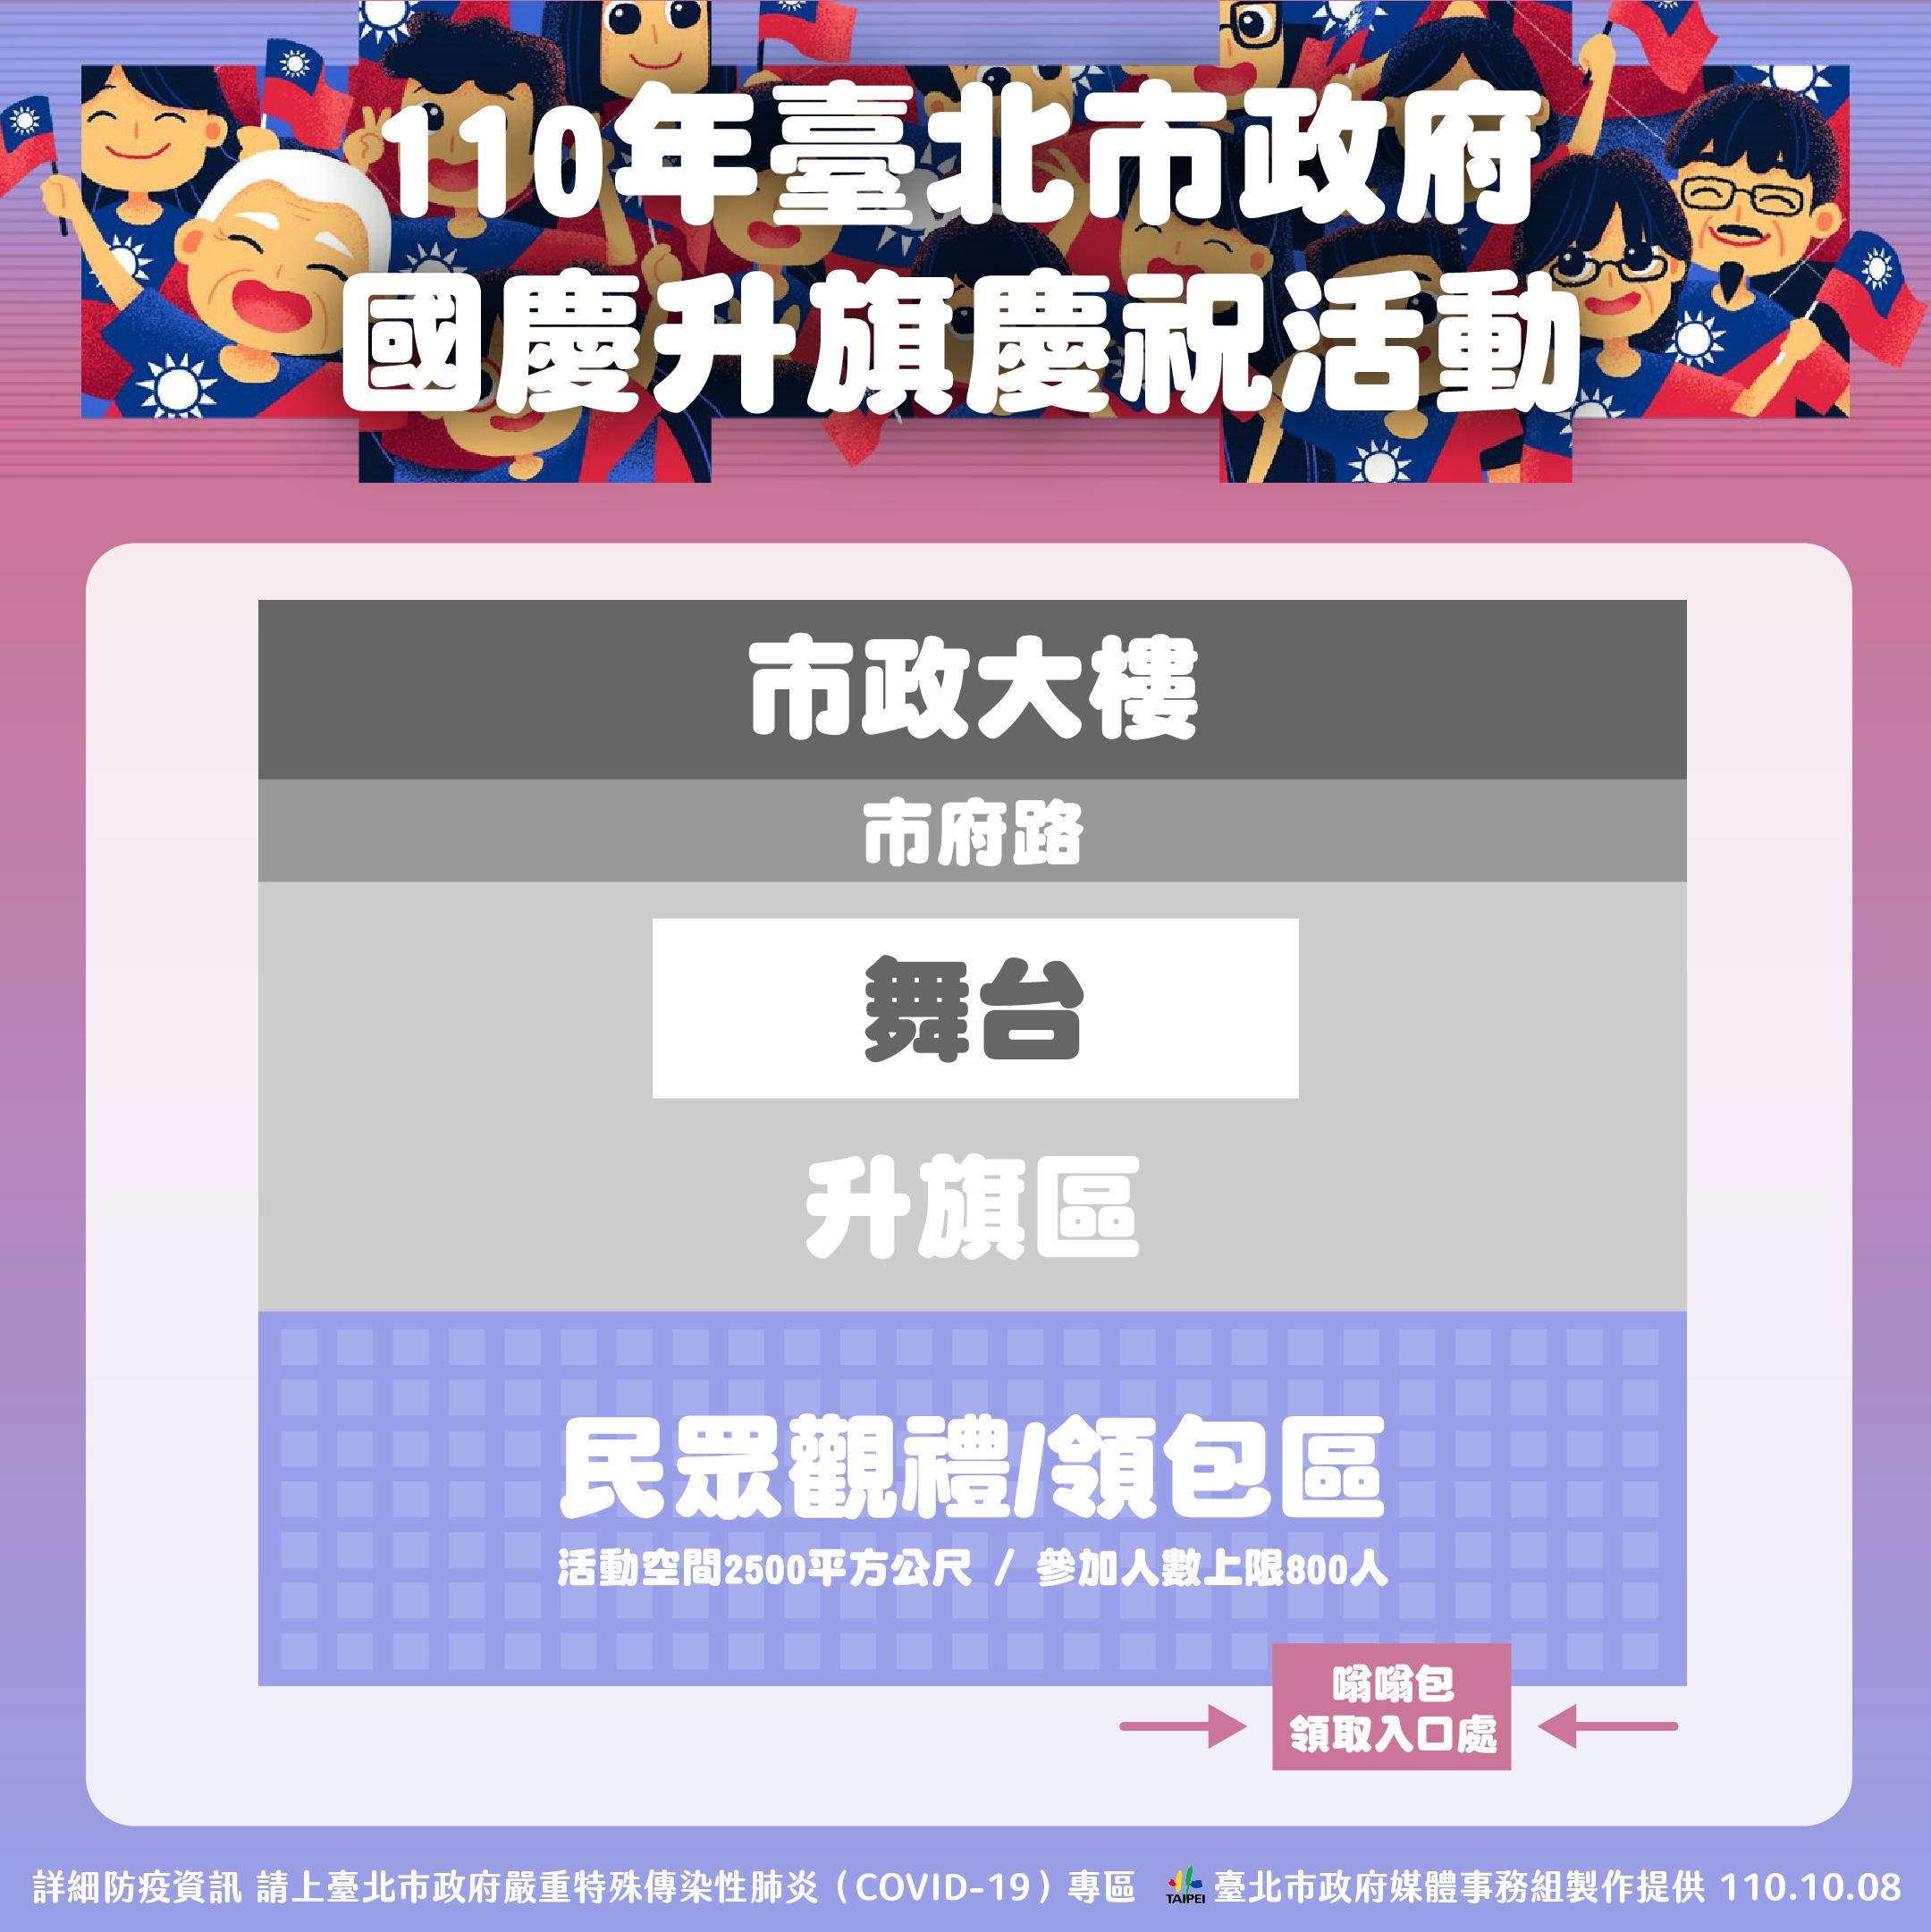 110年臺北市政府國慶升旗慶祝活動